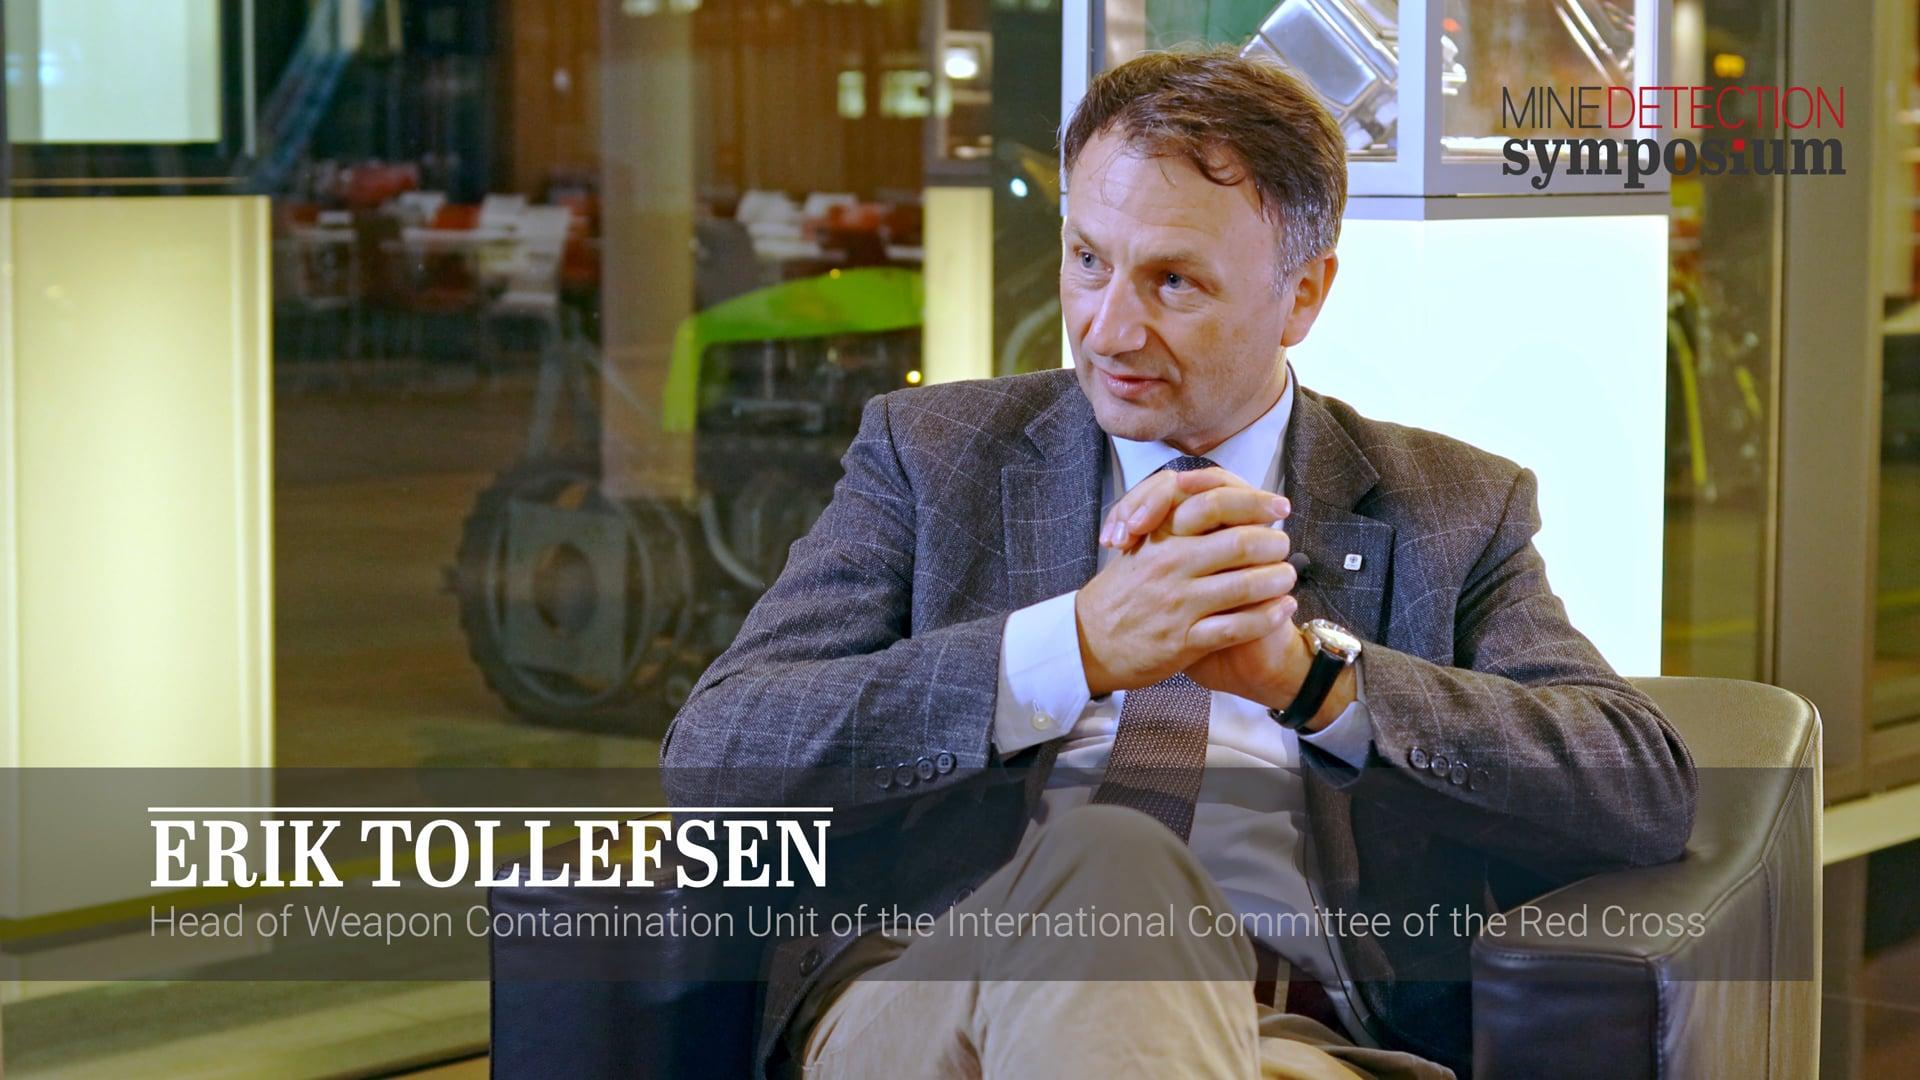 Erik Tollefsen - Symposium - Mine Detection Symposium 2019